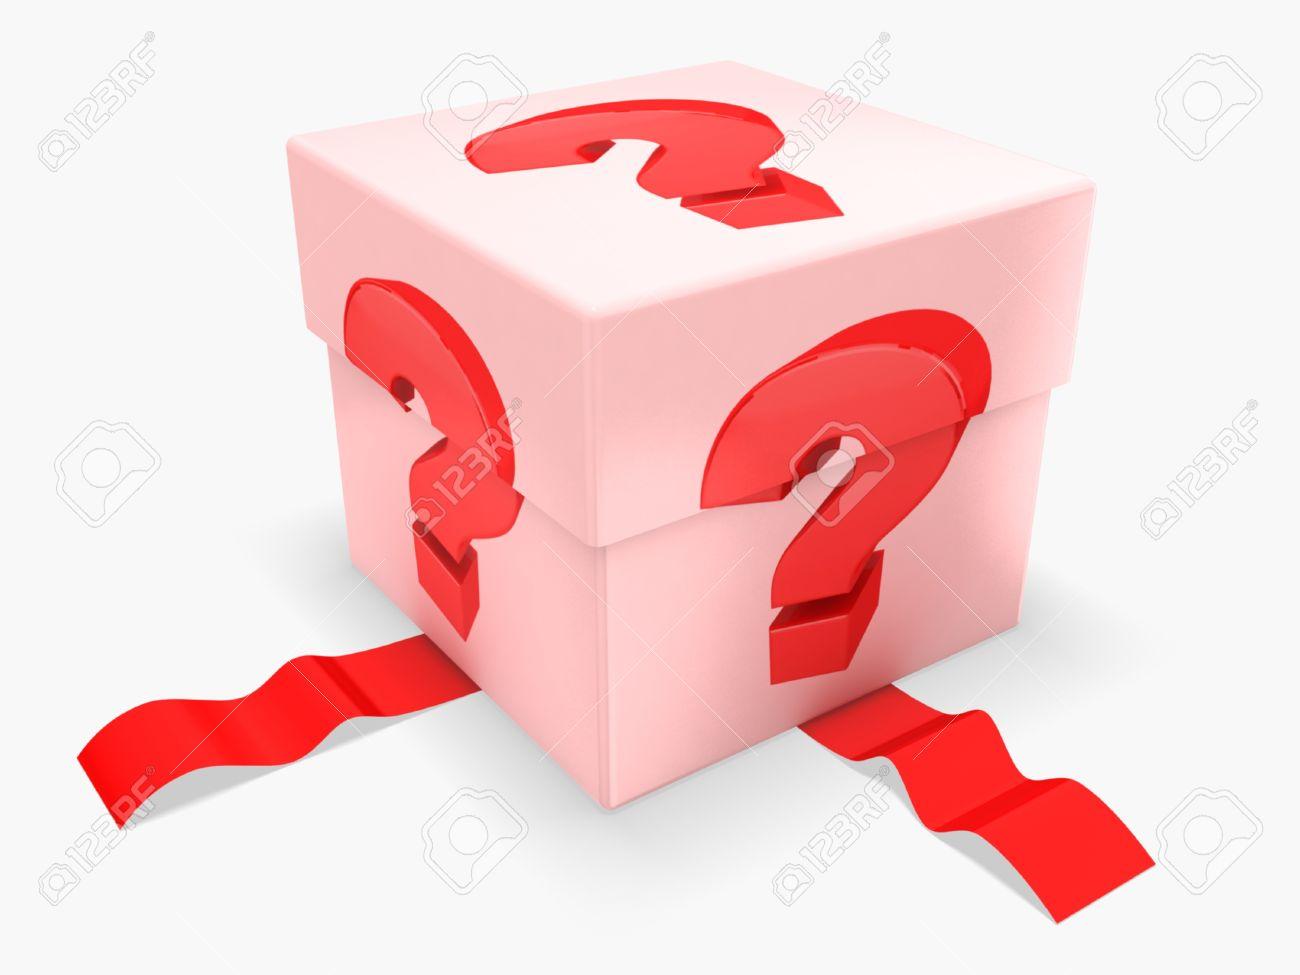 Викторина по сказке Подарки феи - тест онлайн игра - вопросы с 99